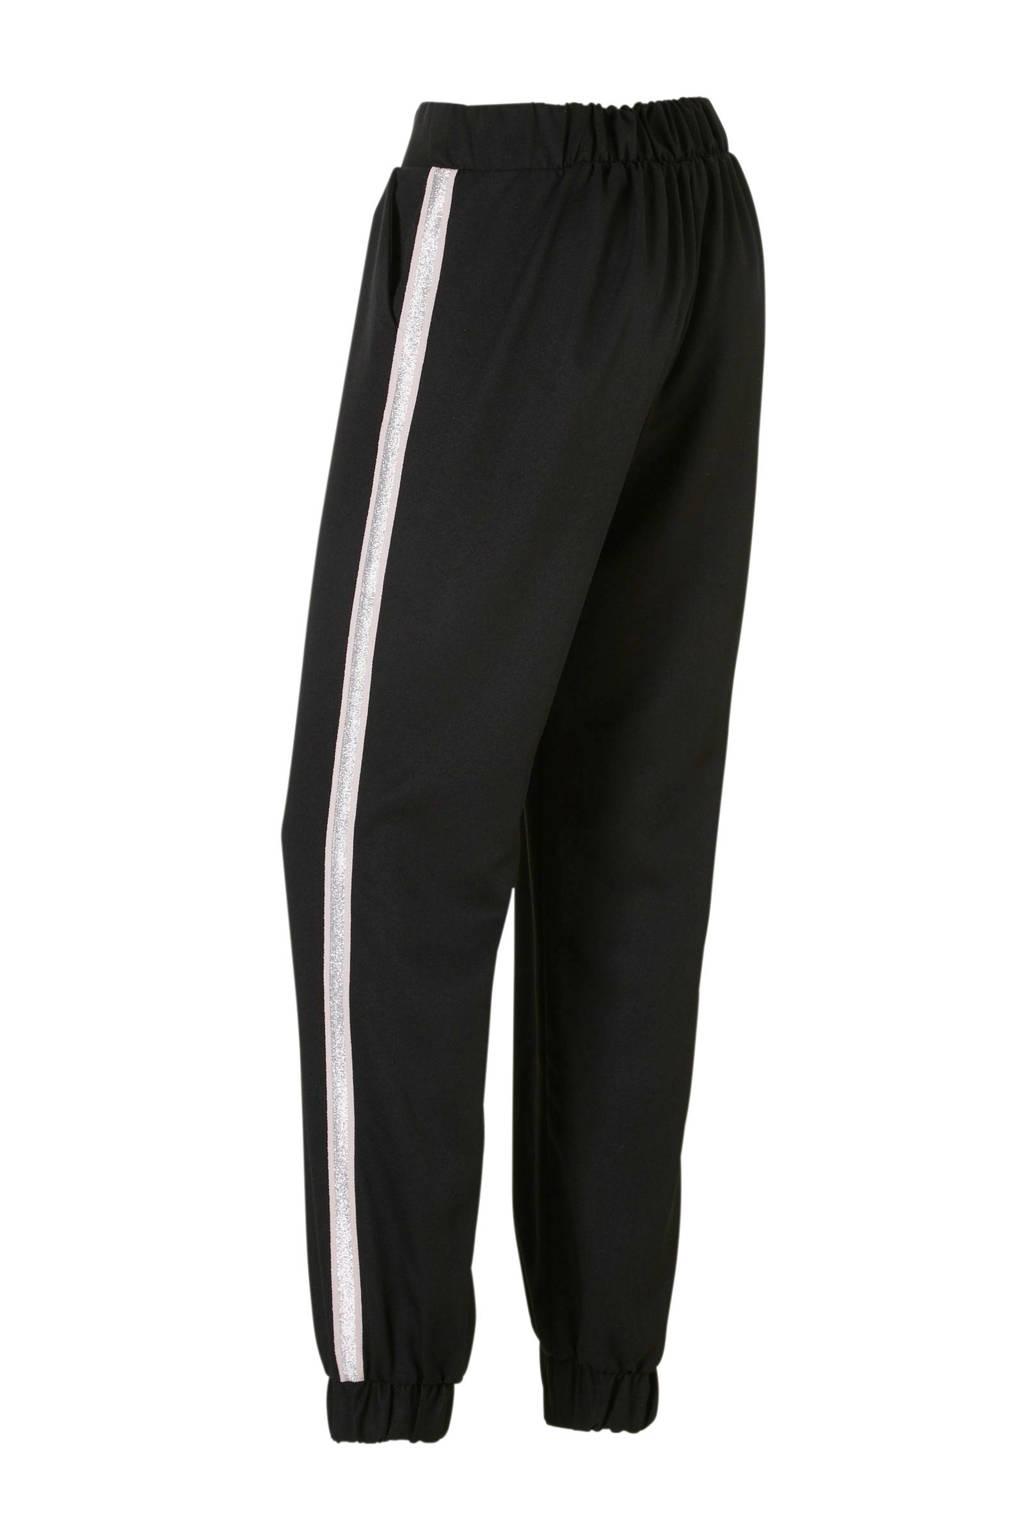 C&A Clockhouse broek met zijstreep zwart, Zwart